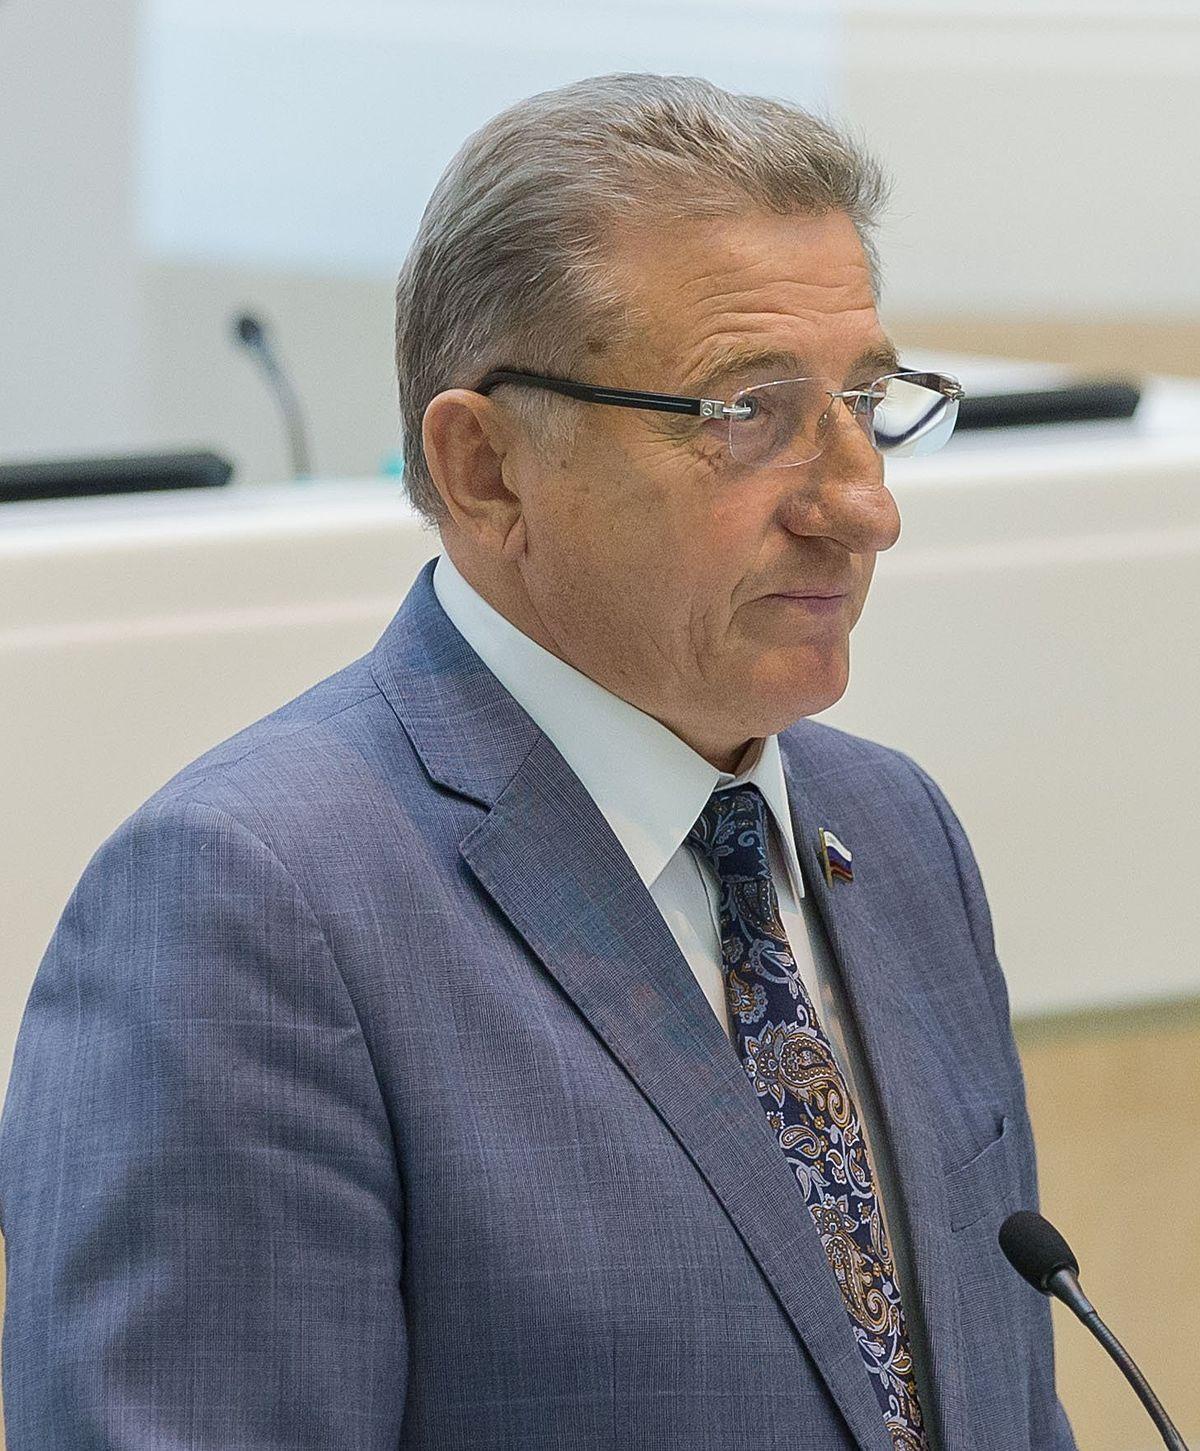 Член федерального собрания лукин сергей николаевич биография награды